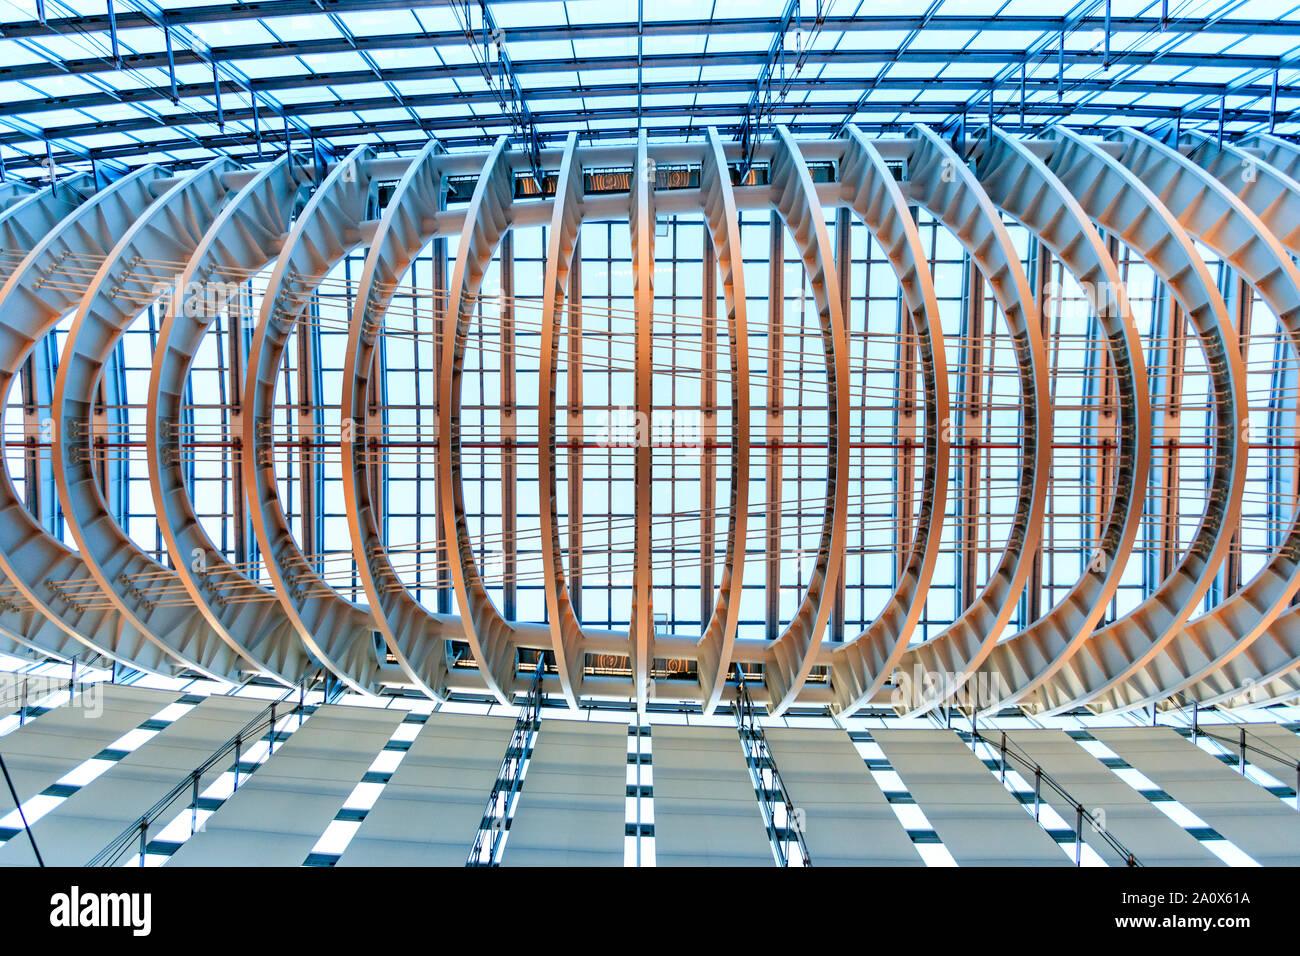 Japón, el Foro Internacional de Tokio. Interior. El cristal del techo con marco de metal visto directamente desde abajo. Iluminado con luz suave, azul hora. Foto de stock